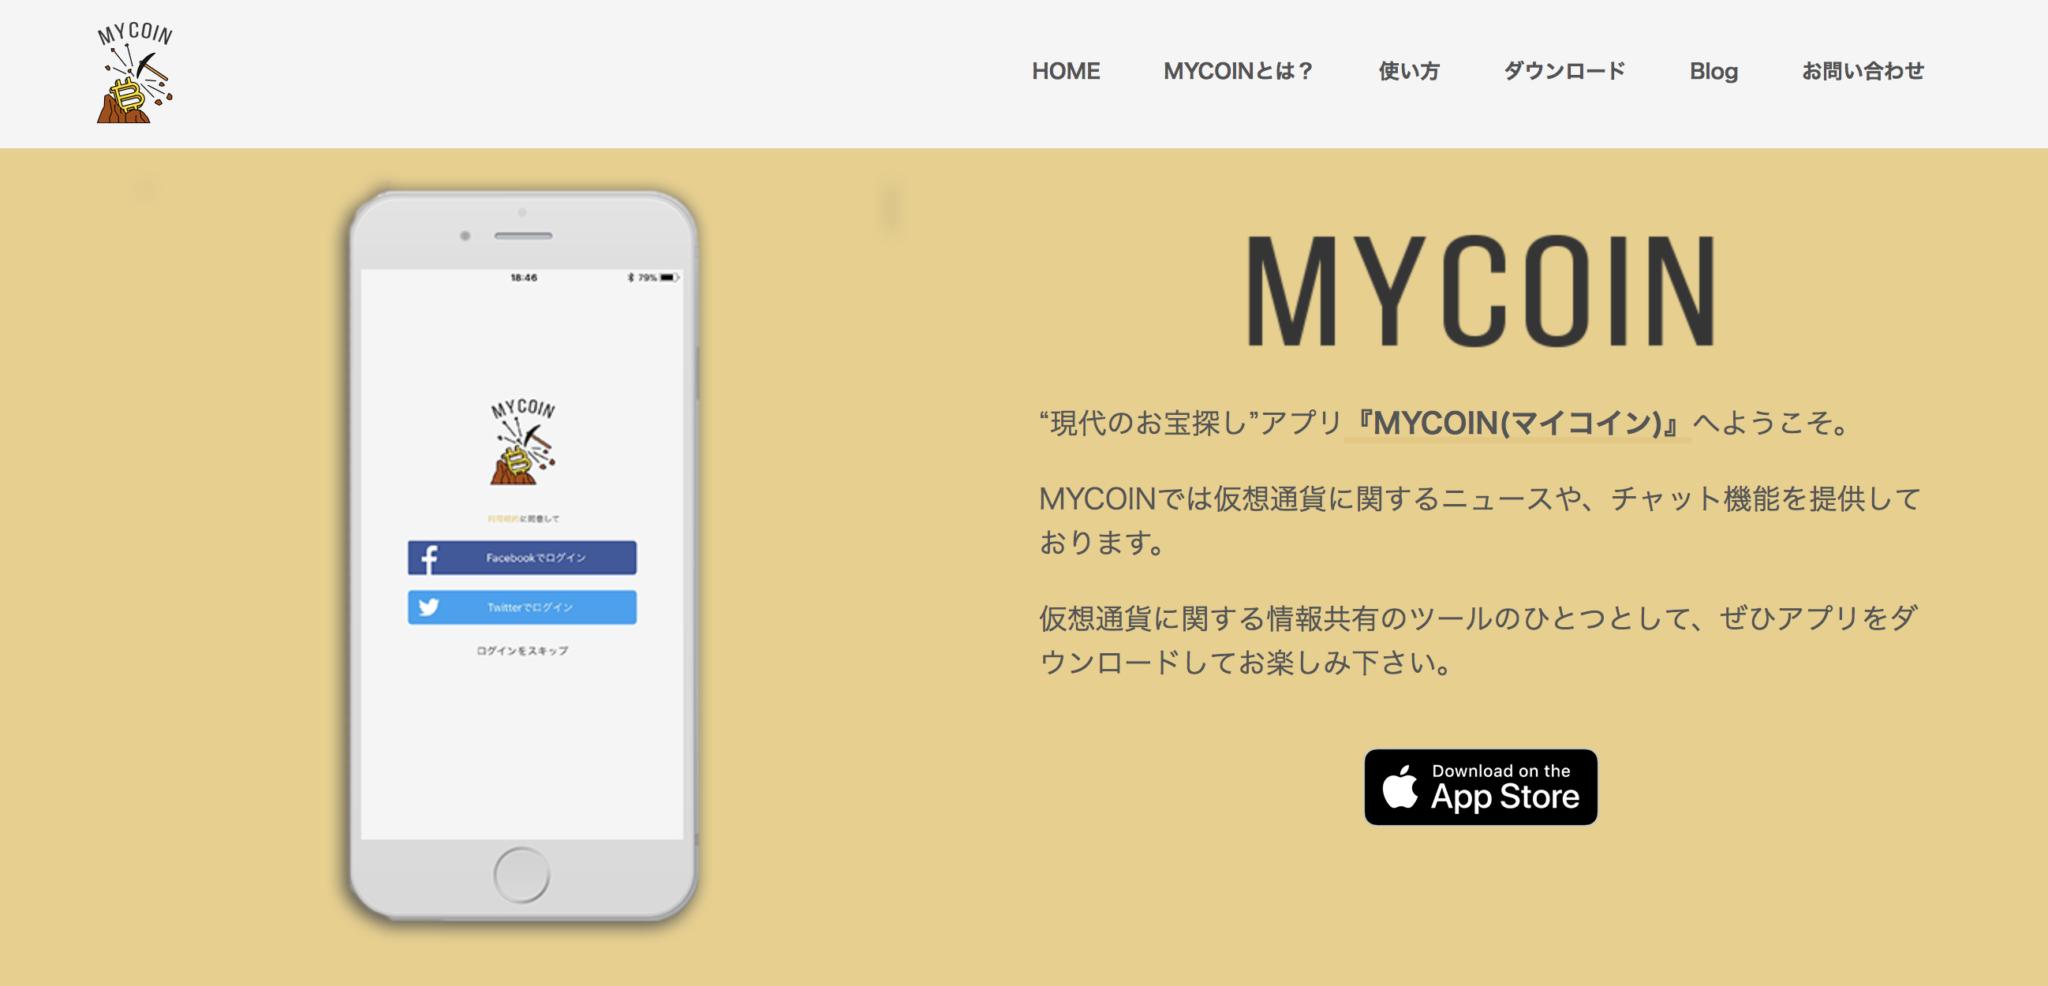 mycoinのアイキャッチ画像